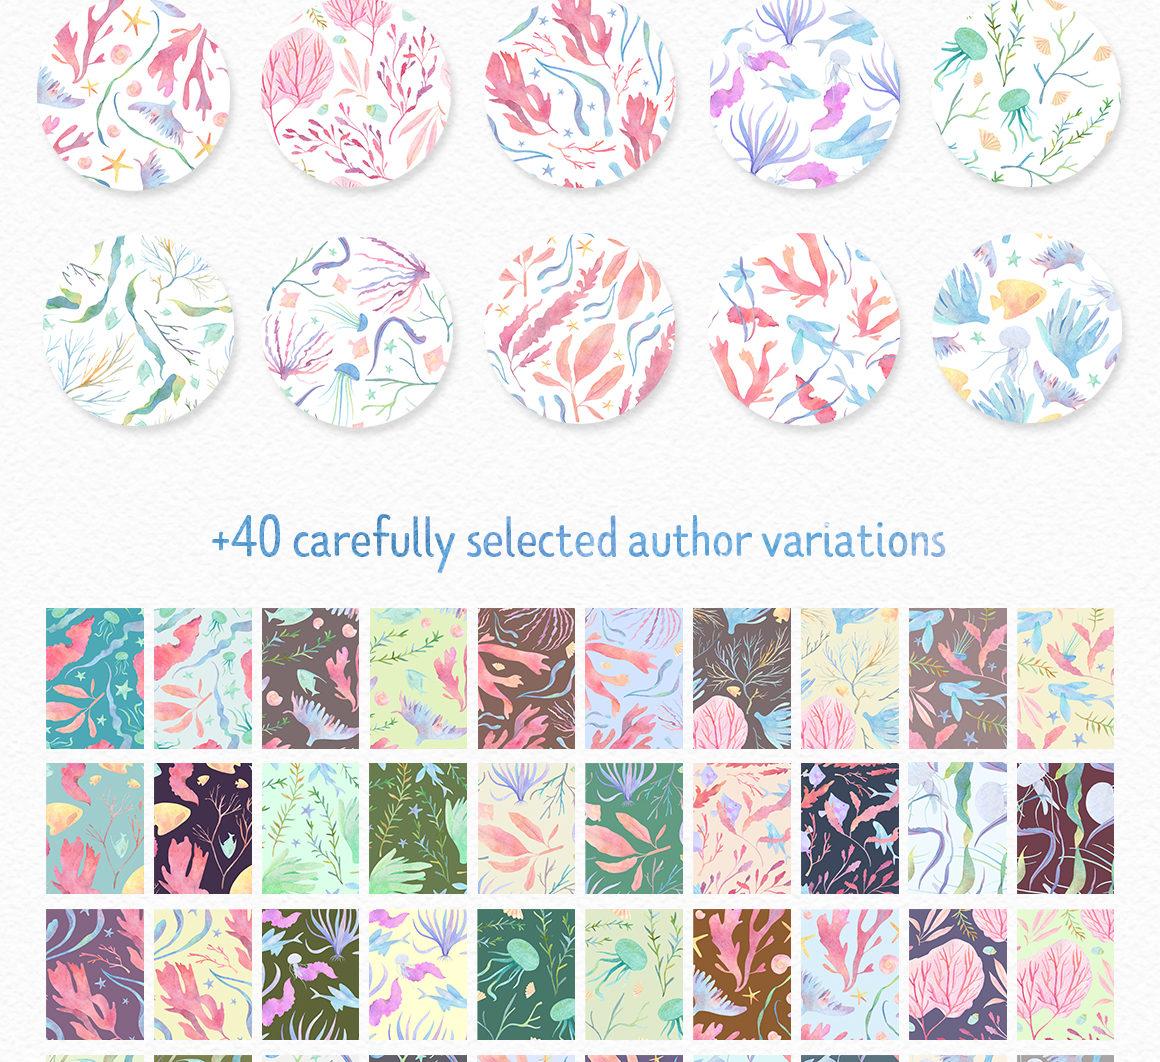 Underwater watercolor patterns - 2 %D0%BF%D0%B0%D1%82%D1%82%D0%B5%D1%80%D0%BD%D1%8B -